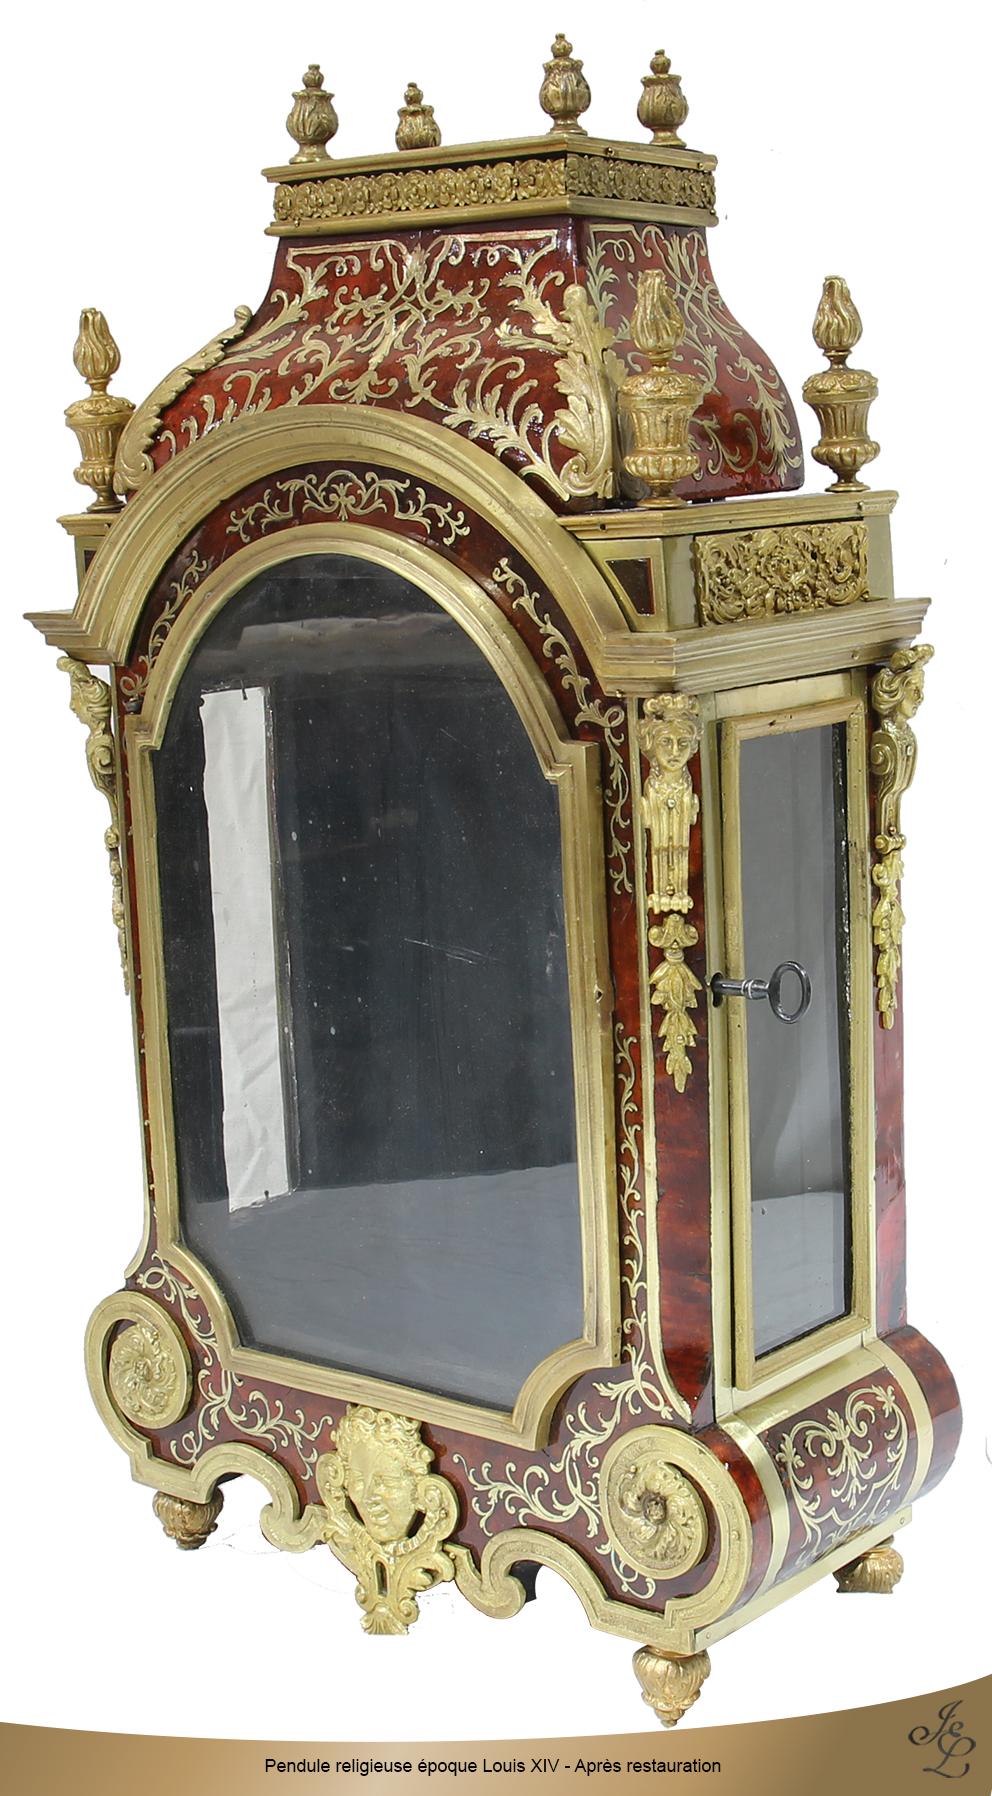 Pendule religieuse époque Louis XIV - Après restauration